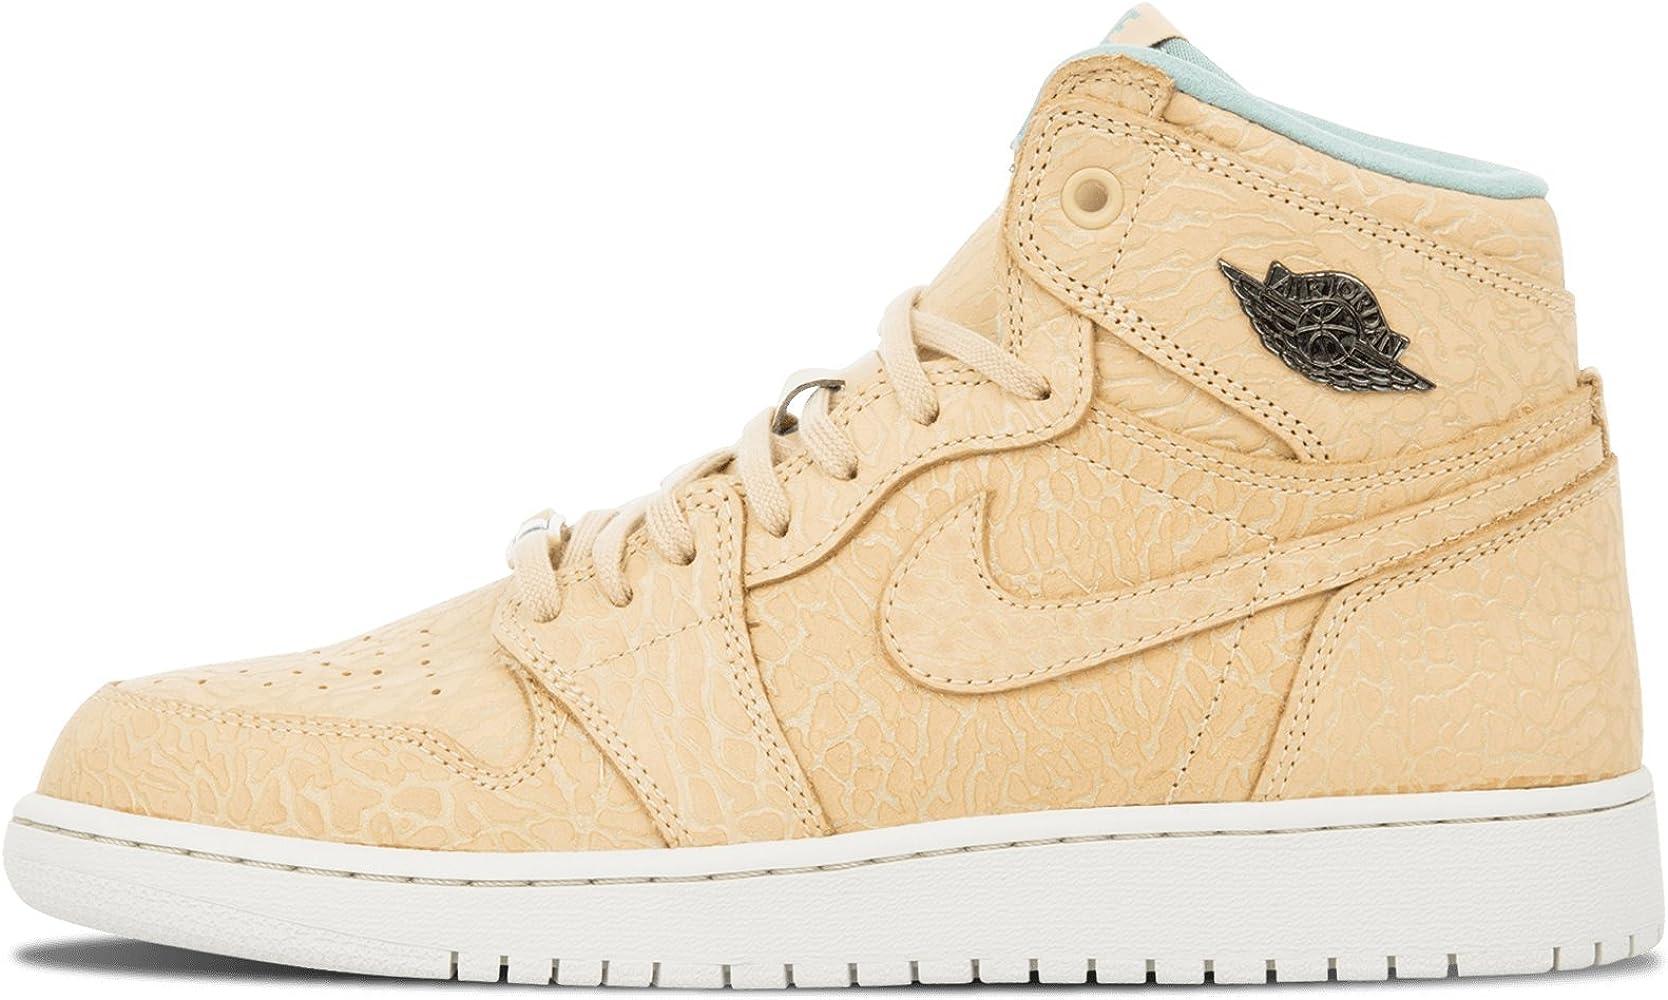 Nike Air Jordan 1 Retro High Og Pearl